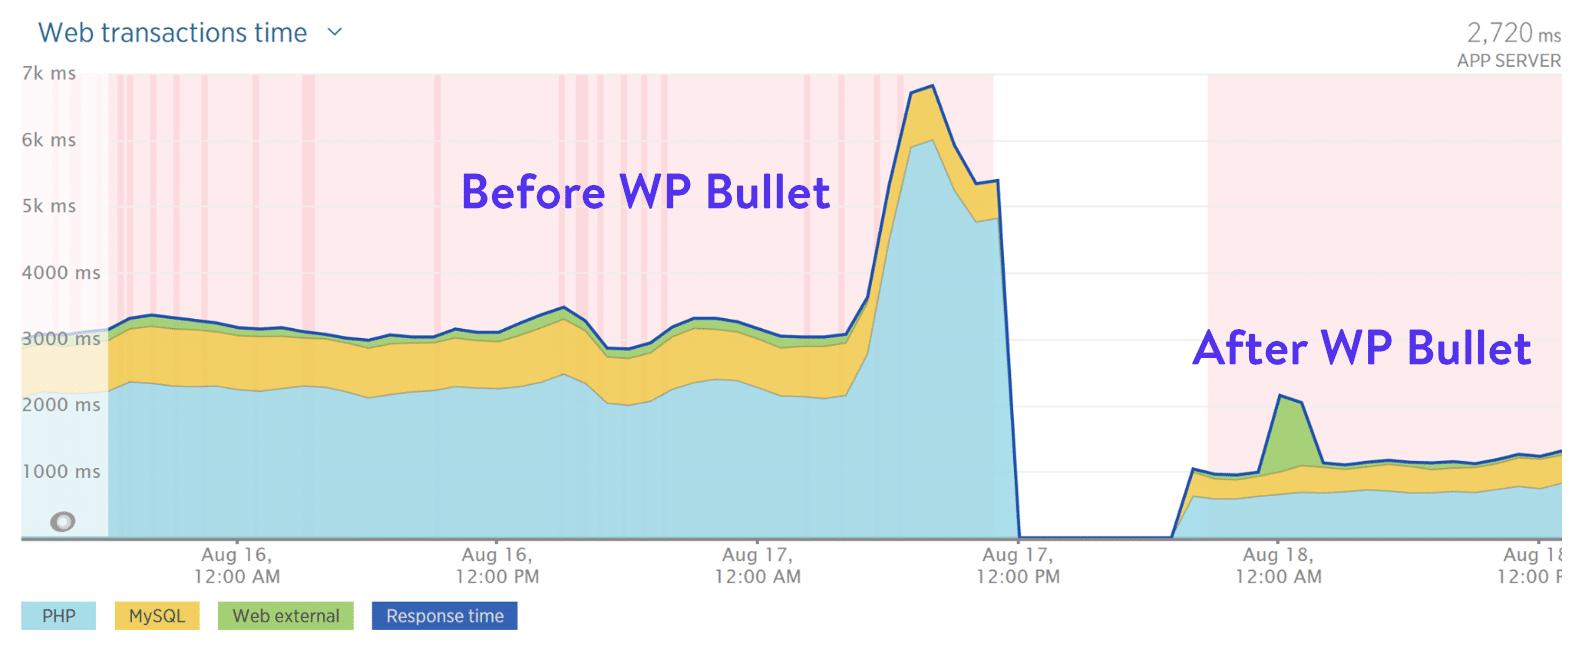 Vor und nach Gebrauch von WP Bullet